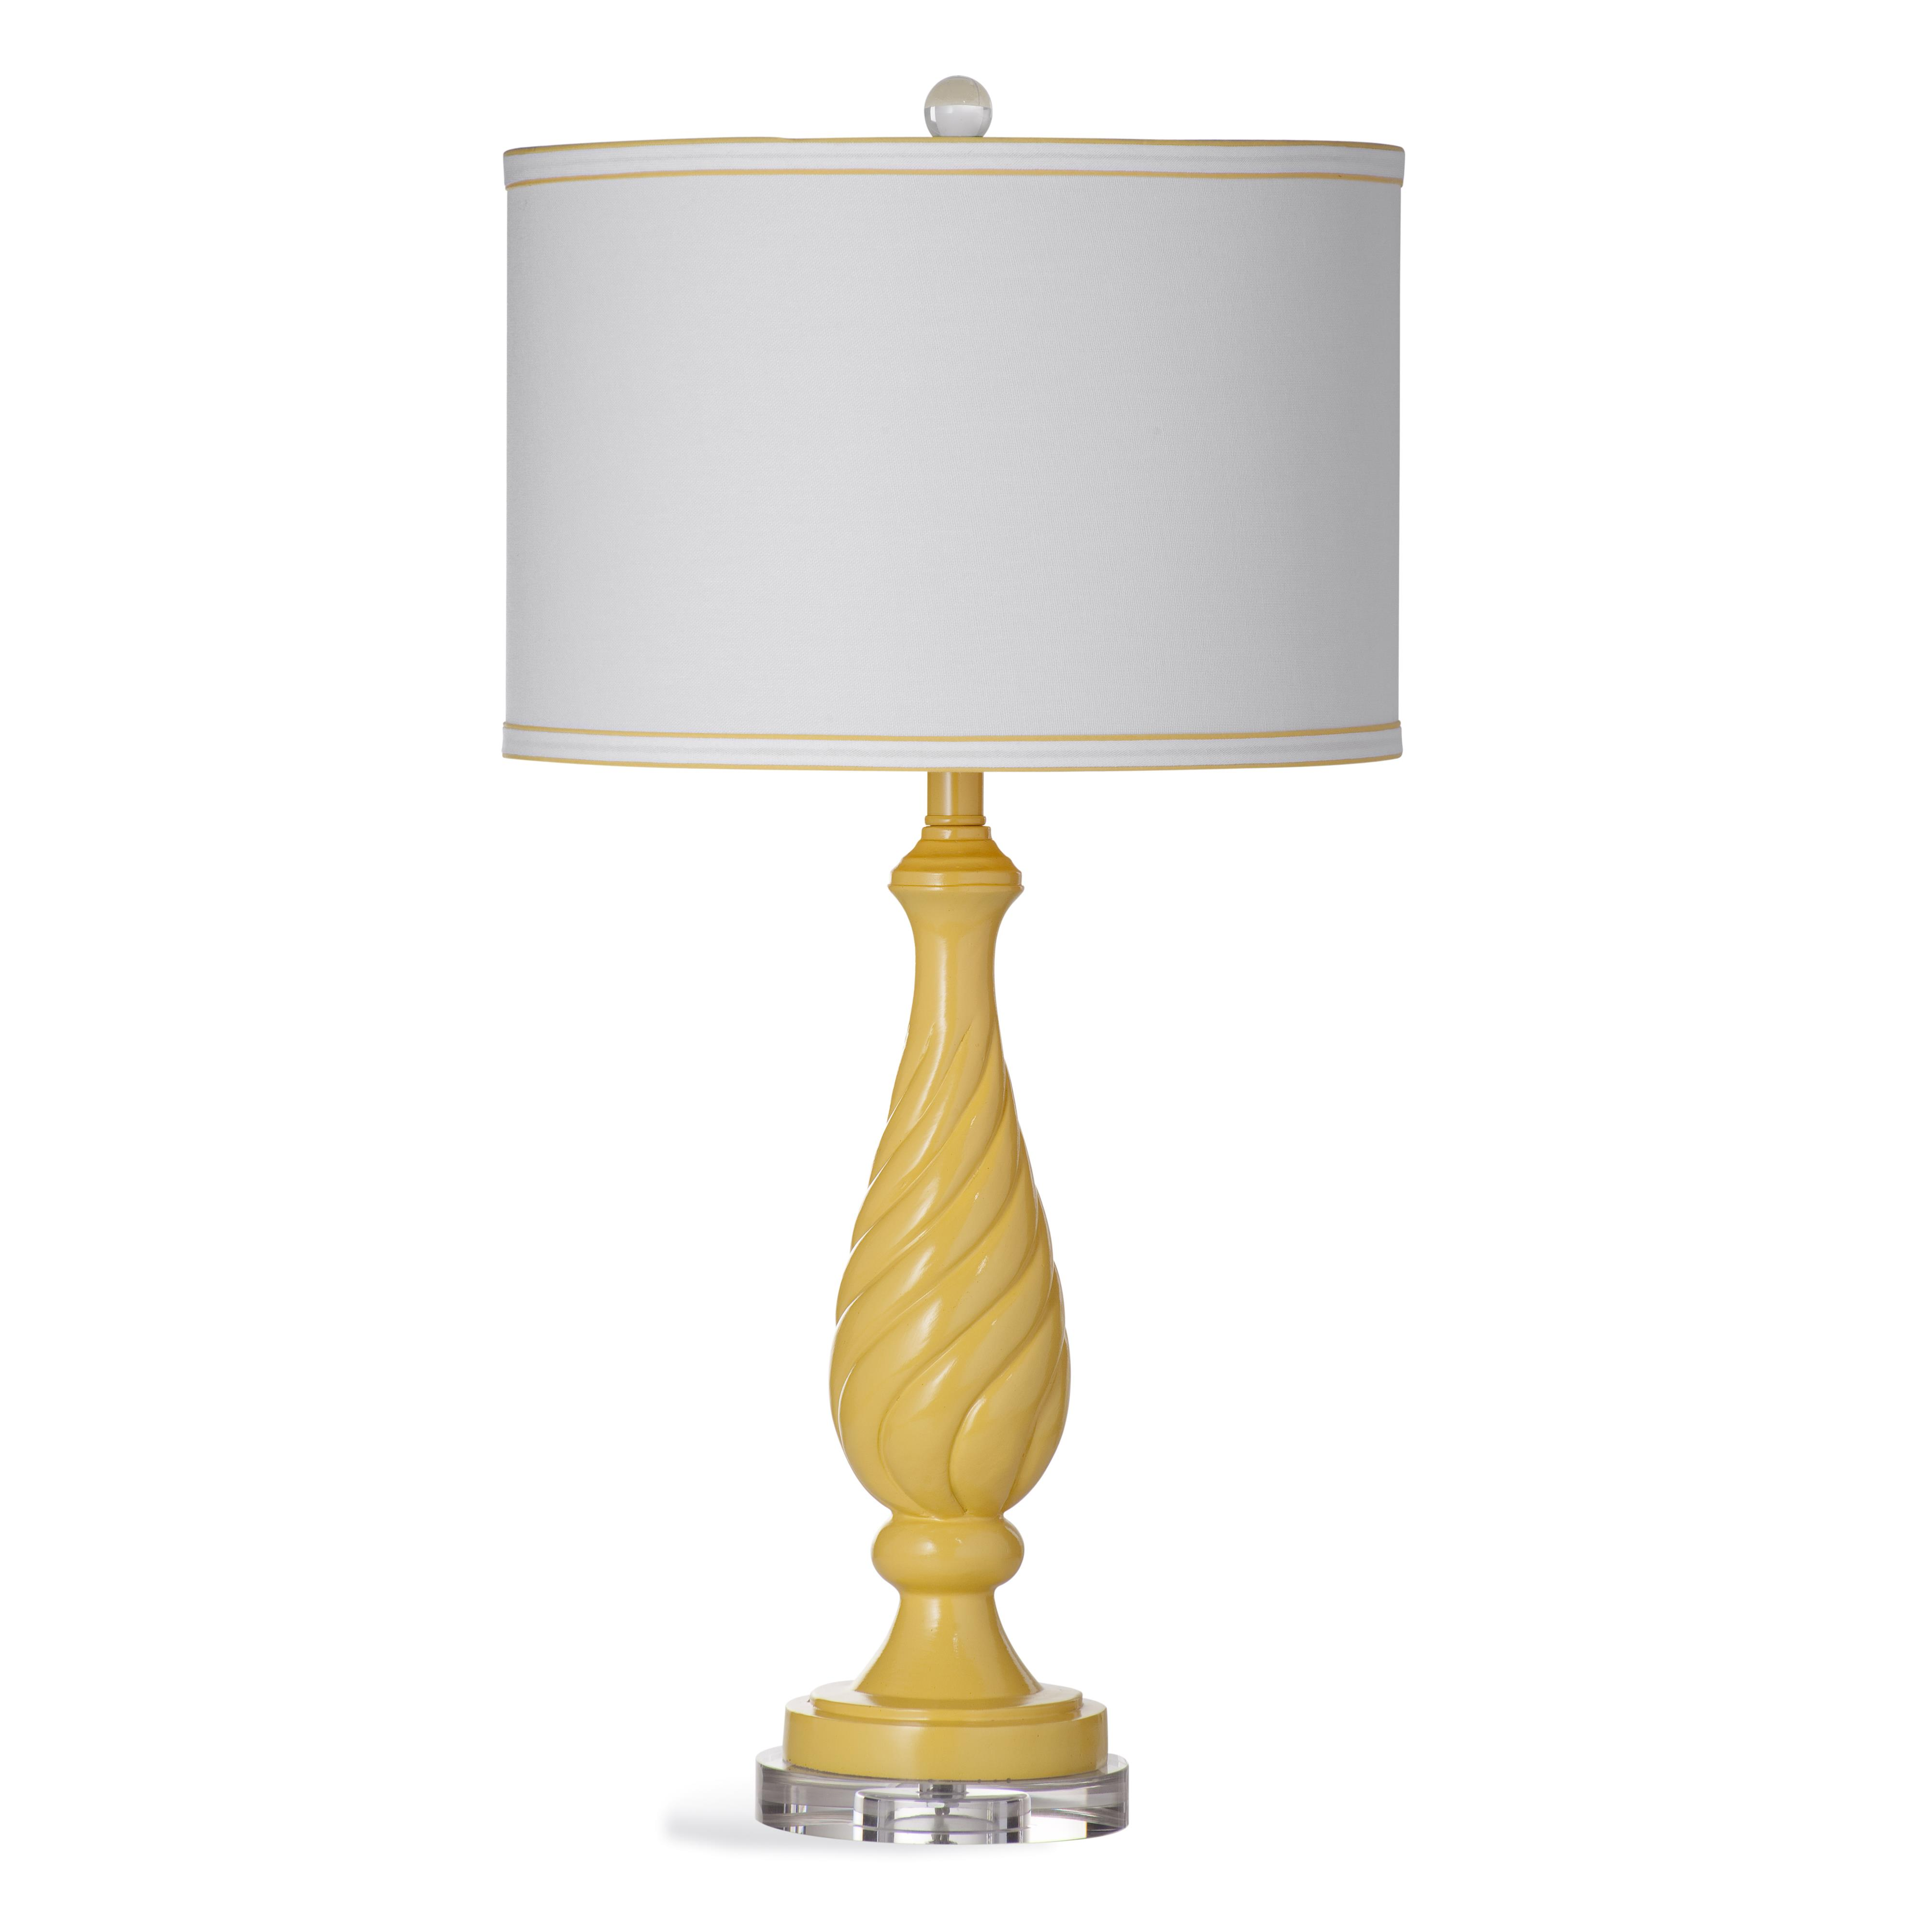 Camas Table Lamp